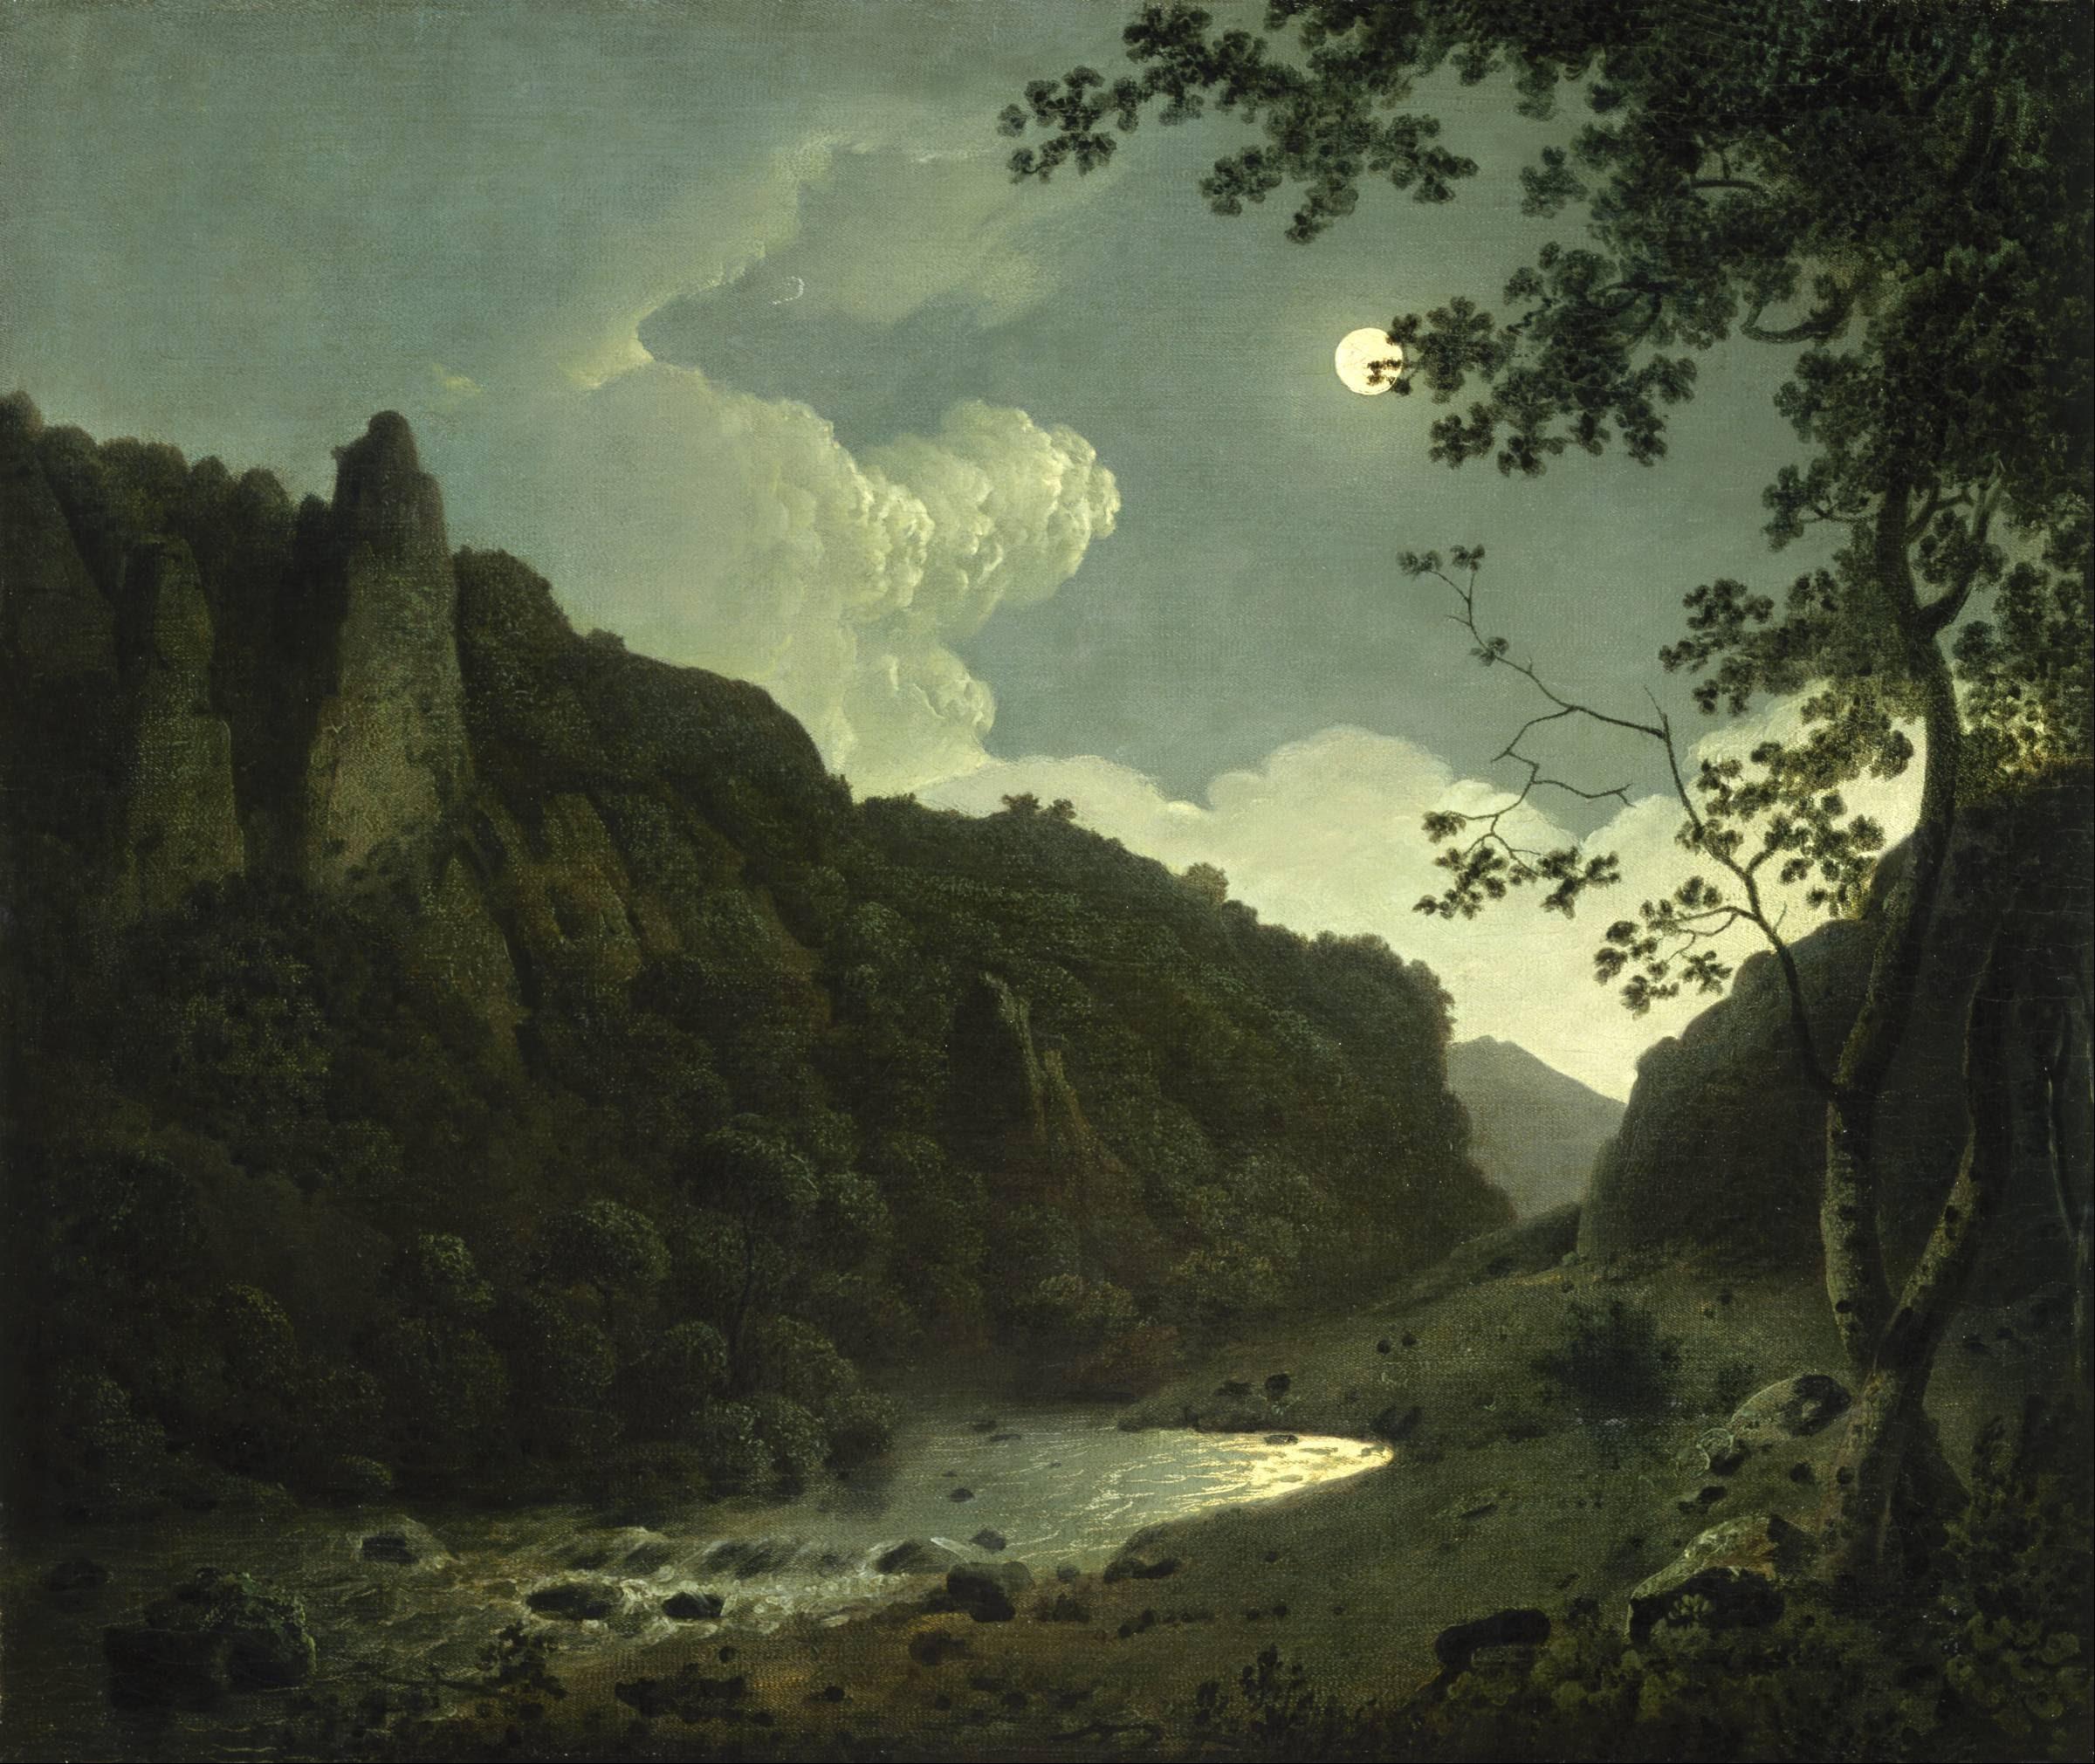 joseph wright of derby Joseph wright of derby (3 september 1734 – 29 august 1797) var en engelsk portræt- og landskabsmaler, som betragtes som 1700-tallets vigtigste maler i midlands.